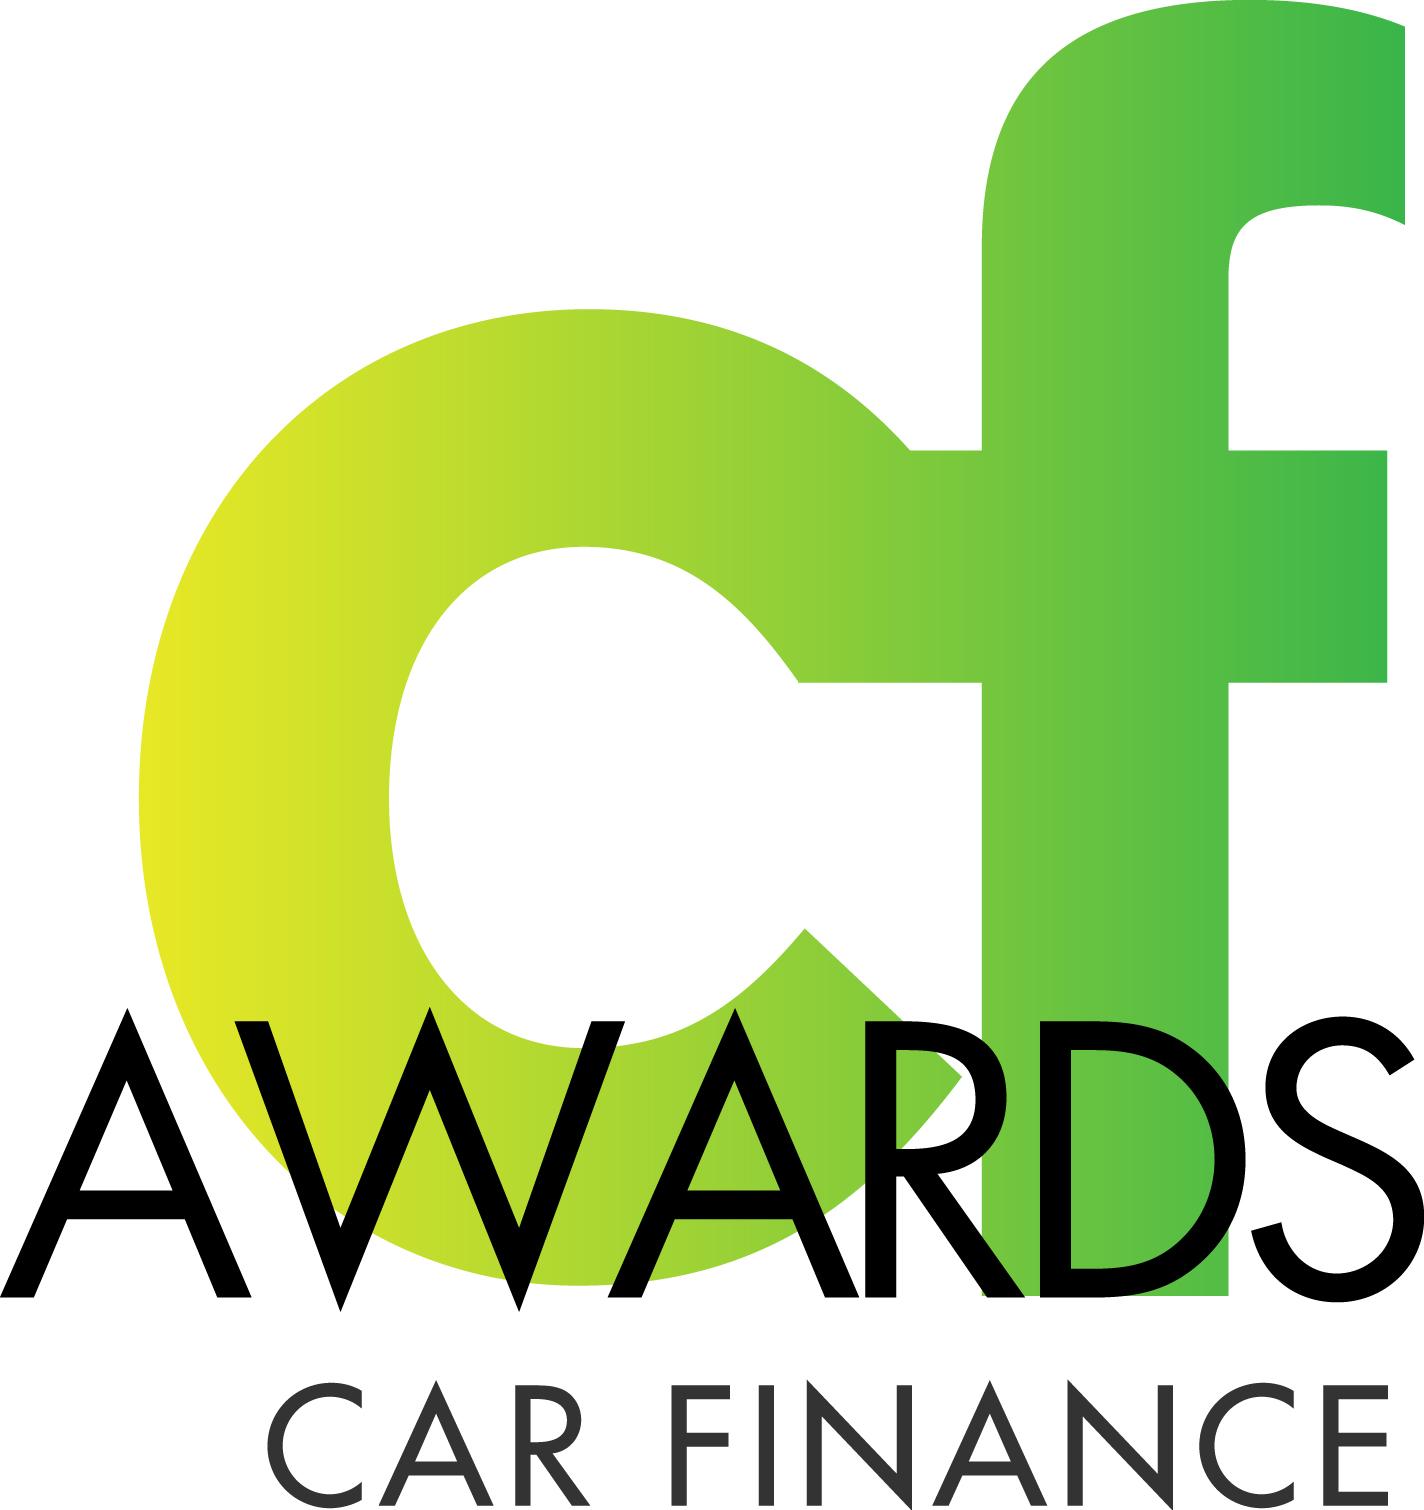 CarFinanceAwards_Black.jpg